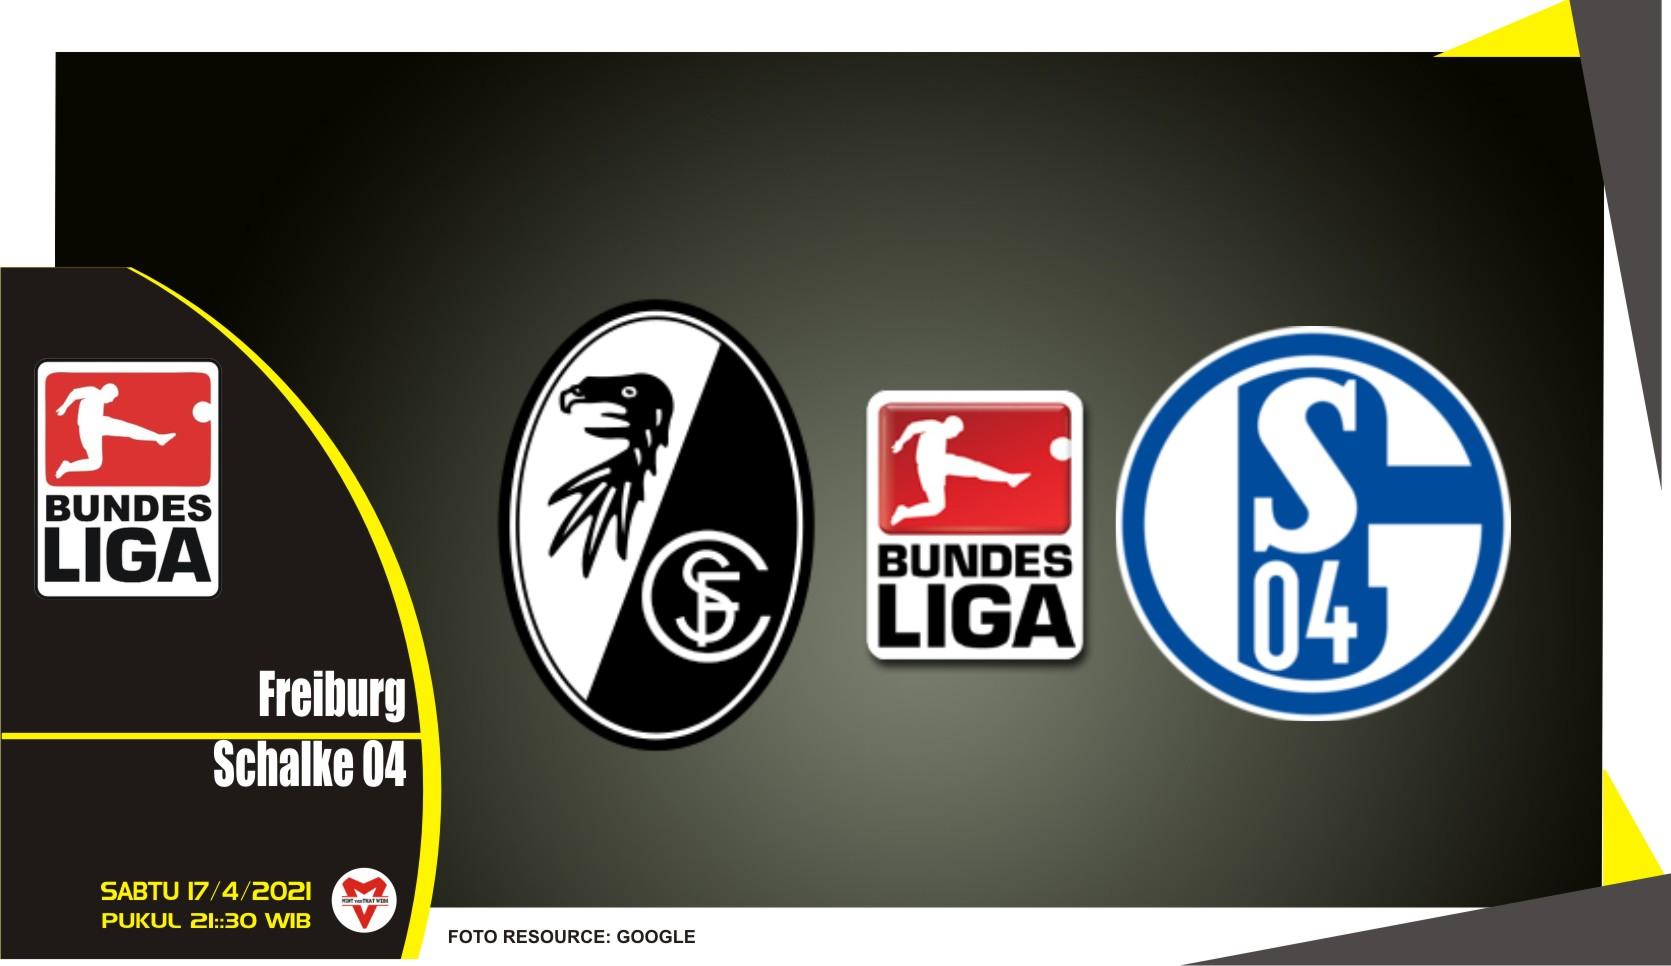 Prediksi Liga Jerman: Freiburg vs Schalke 04 - 17 April 2021